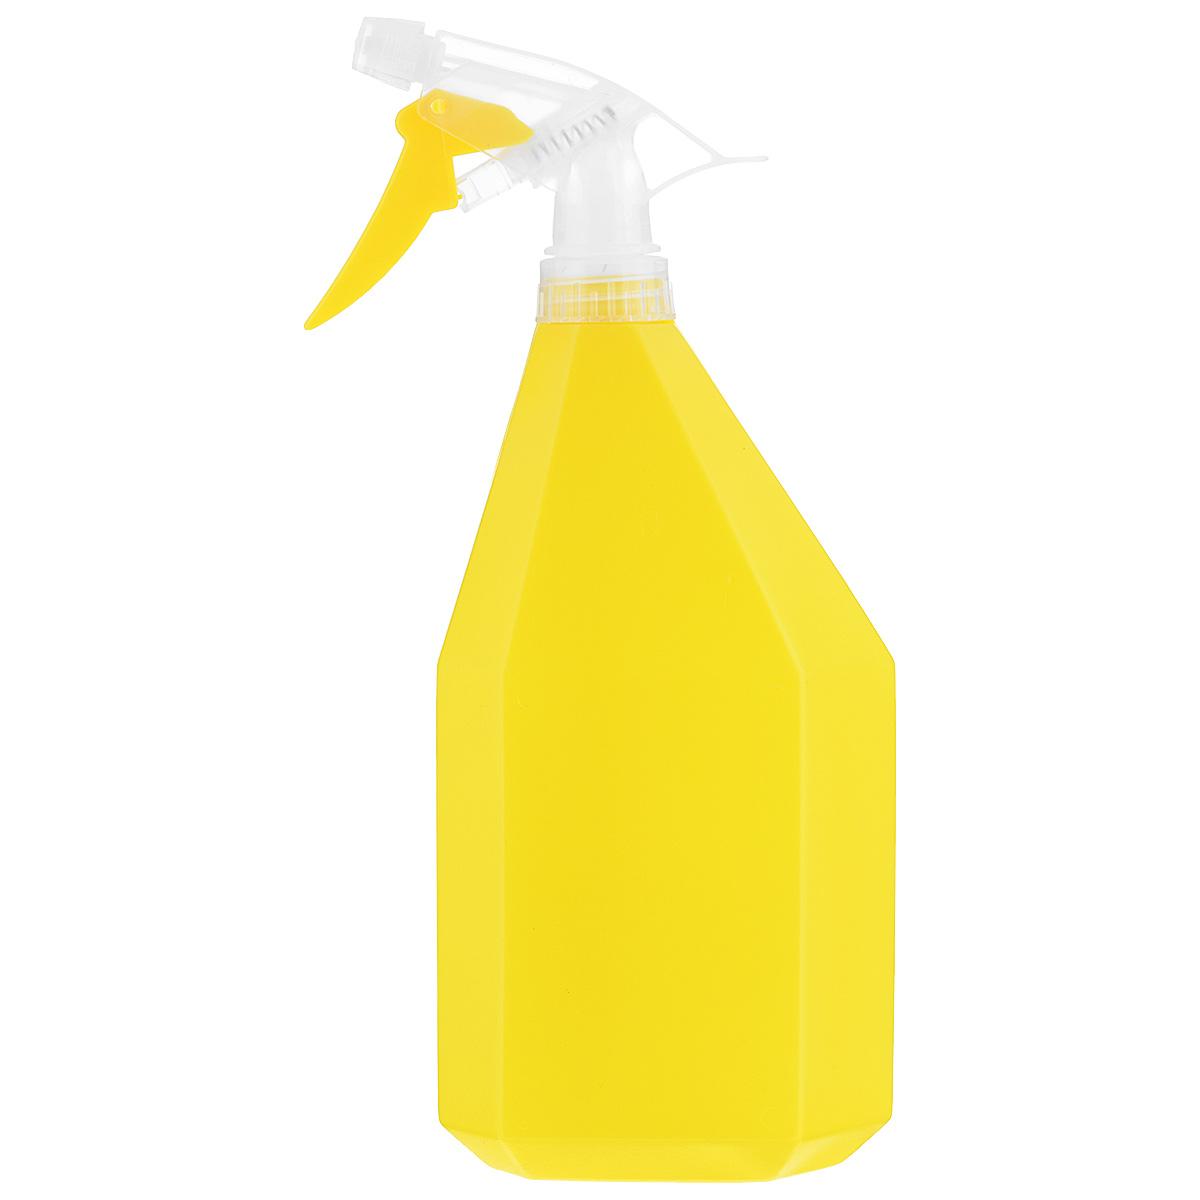 Опрыскиватель Idea Конус, цвет: желтый, 1 лМ 2144Опрыскиватель Idea Конус оснащен специальной насадкой. Изготовлен из пластика и всегда поможет вам в уходе за вашими любимыми растениями. Объем: 1 л. Высота: 26 см.